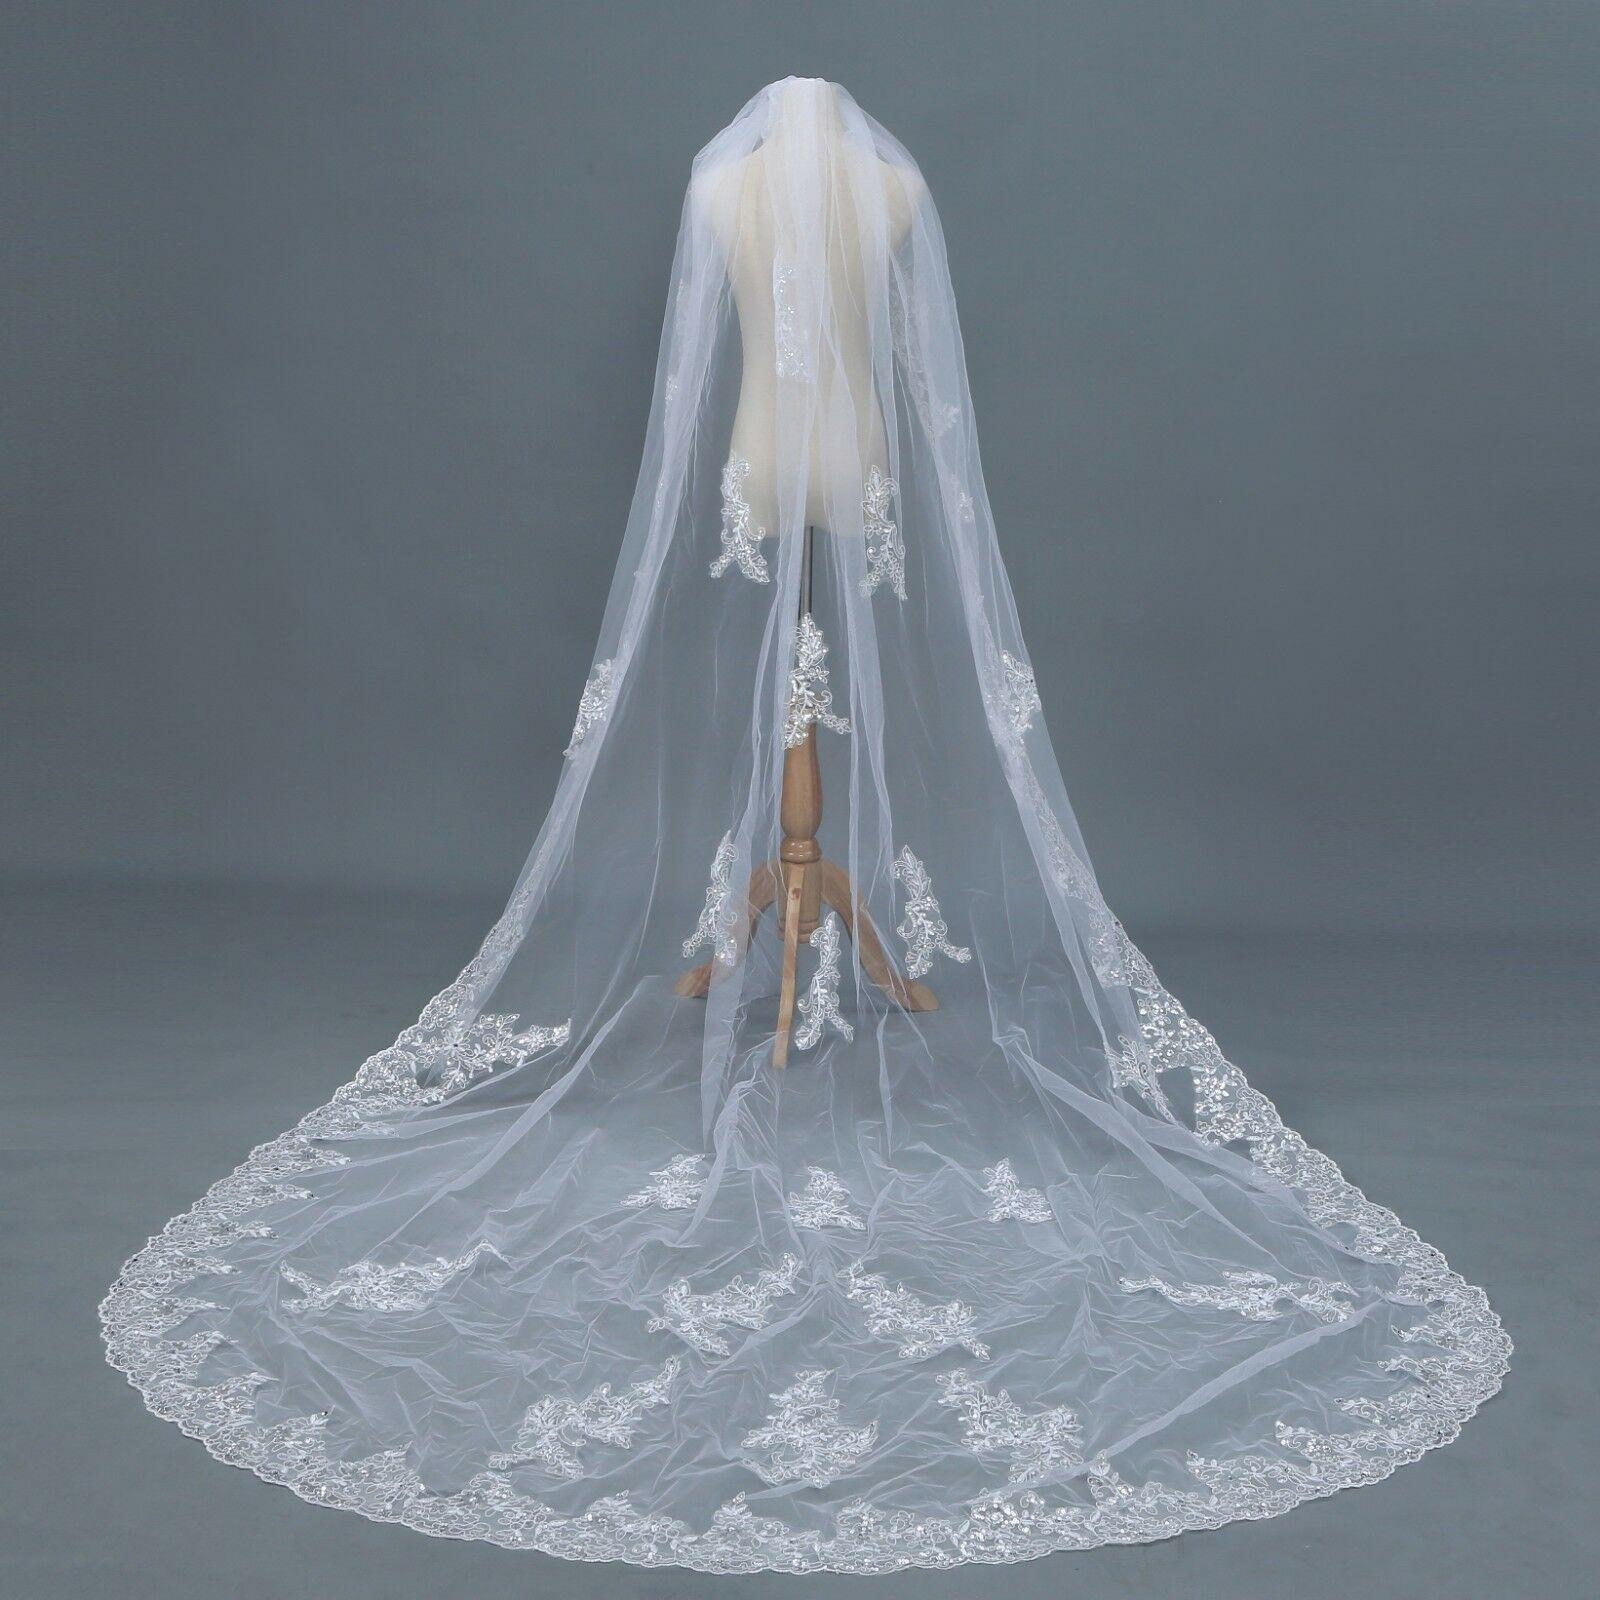 1 Schicht 3 M Kathedrale Länge Hochzeit Schleier Weiß Elfenbein Pailletten Spitze Rand & Applique Braut Schleier & Kamm